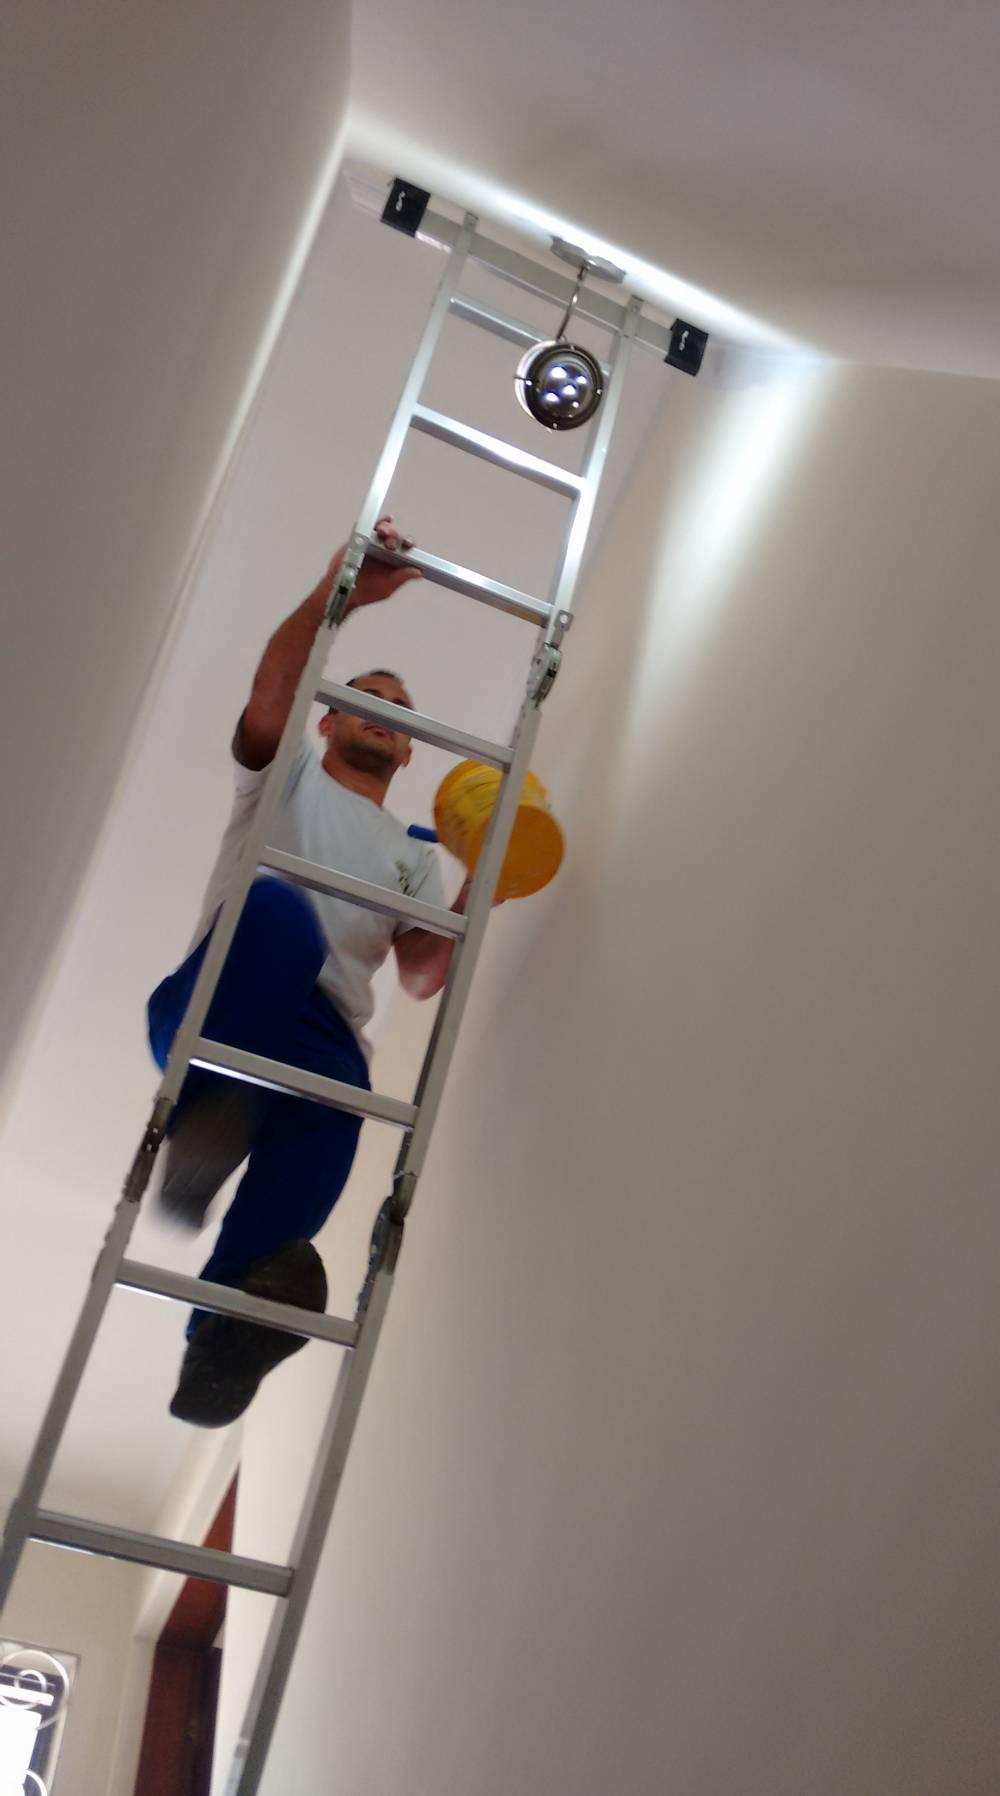 Contratar Serviço de Reparos em Residências na Fazenda dos Tecos - Manutenção Residencial no ABC